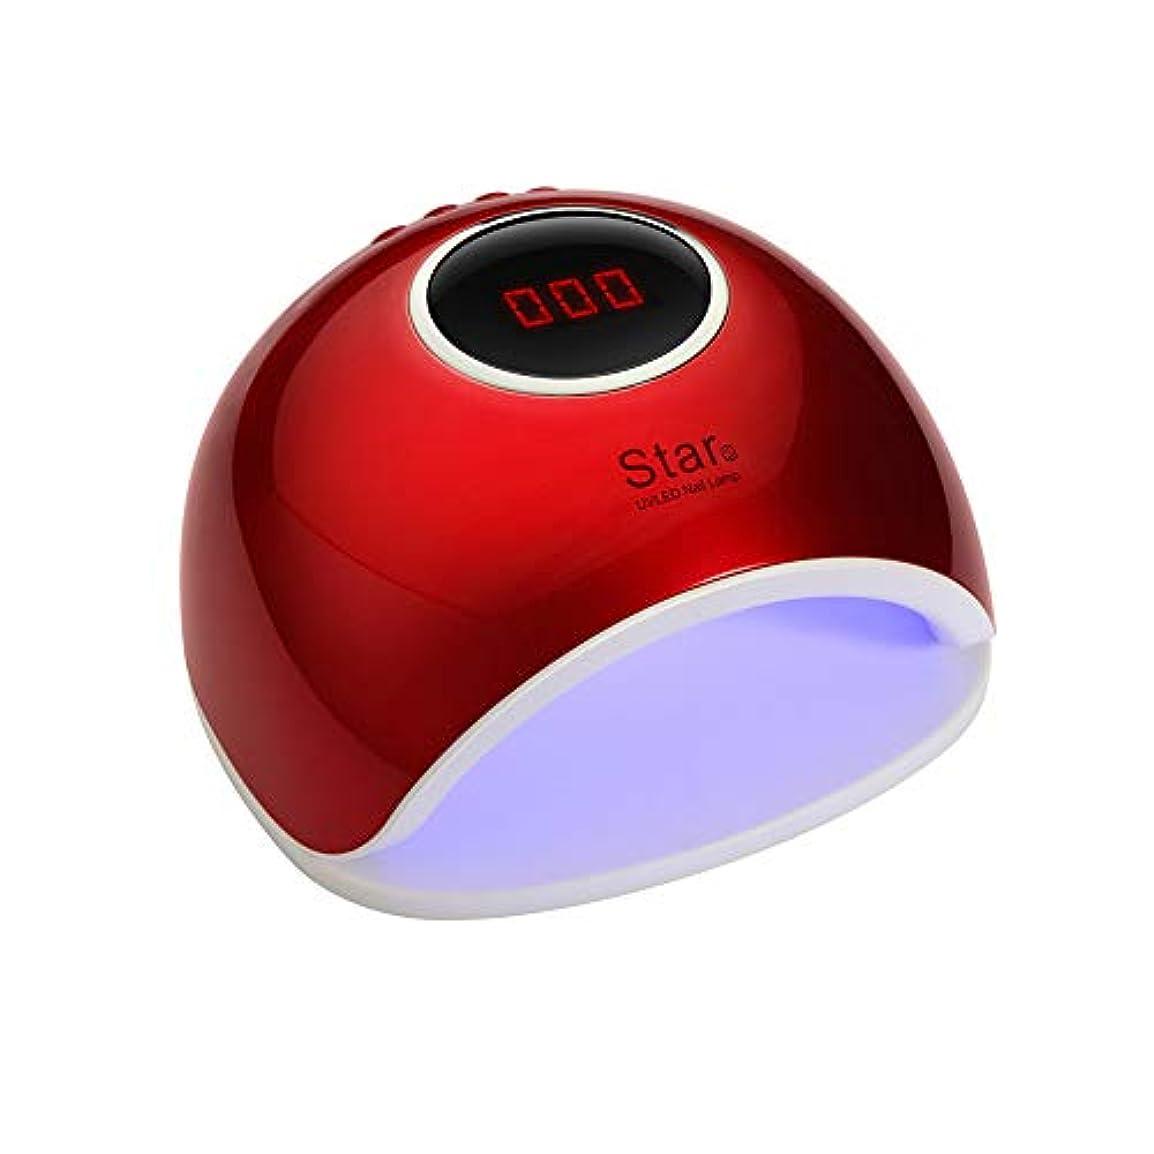 米ドルコールド細心の家の修理初心者ネイルスマート光療法機72ワットスマート誘導無痛マニキュアドライヤーネイルポリッシュグルーライト速乾性ネイルランプ